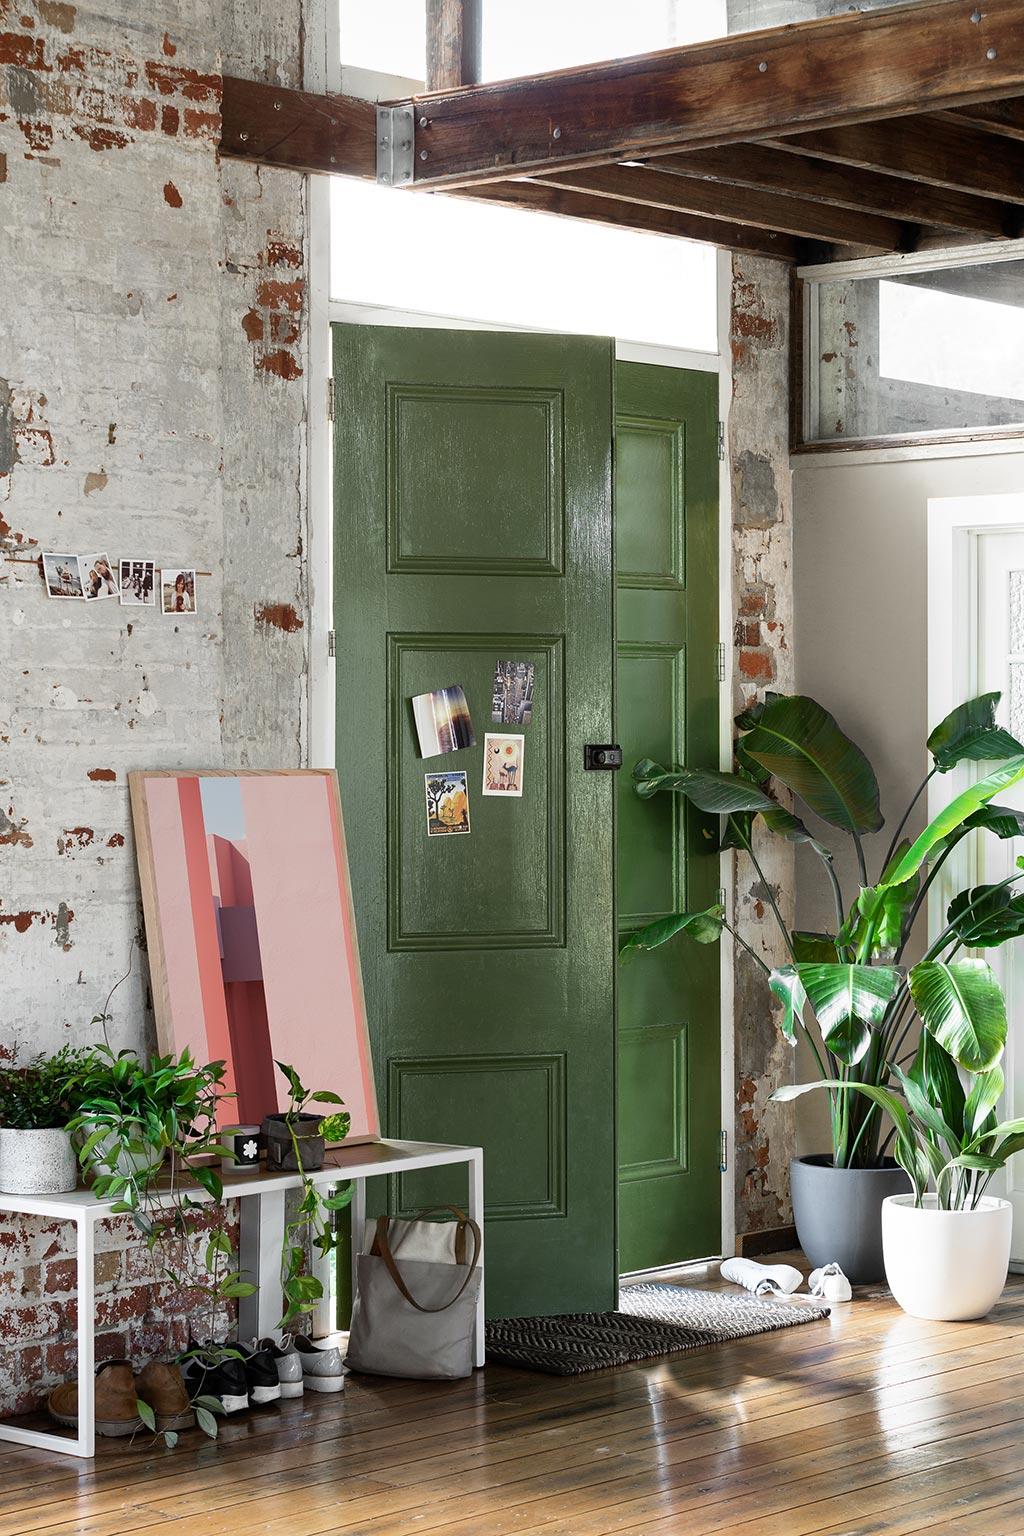 home tour australien decoration entree porte verte briques mademoiselle claudine